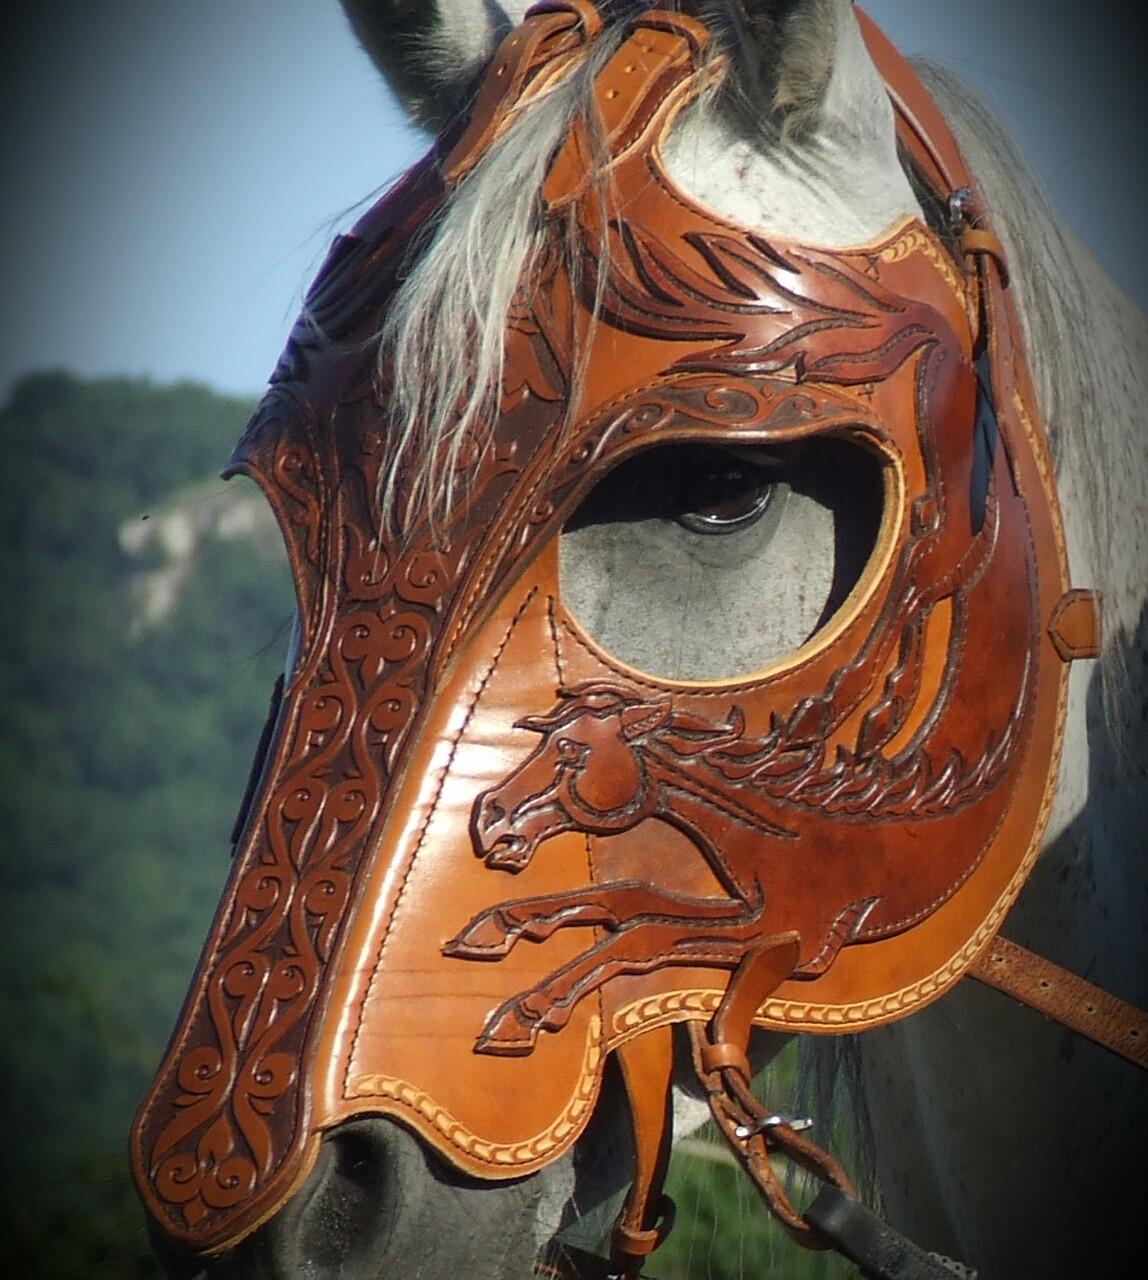 Ló-motívummal díszített fejvért